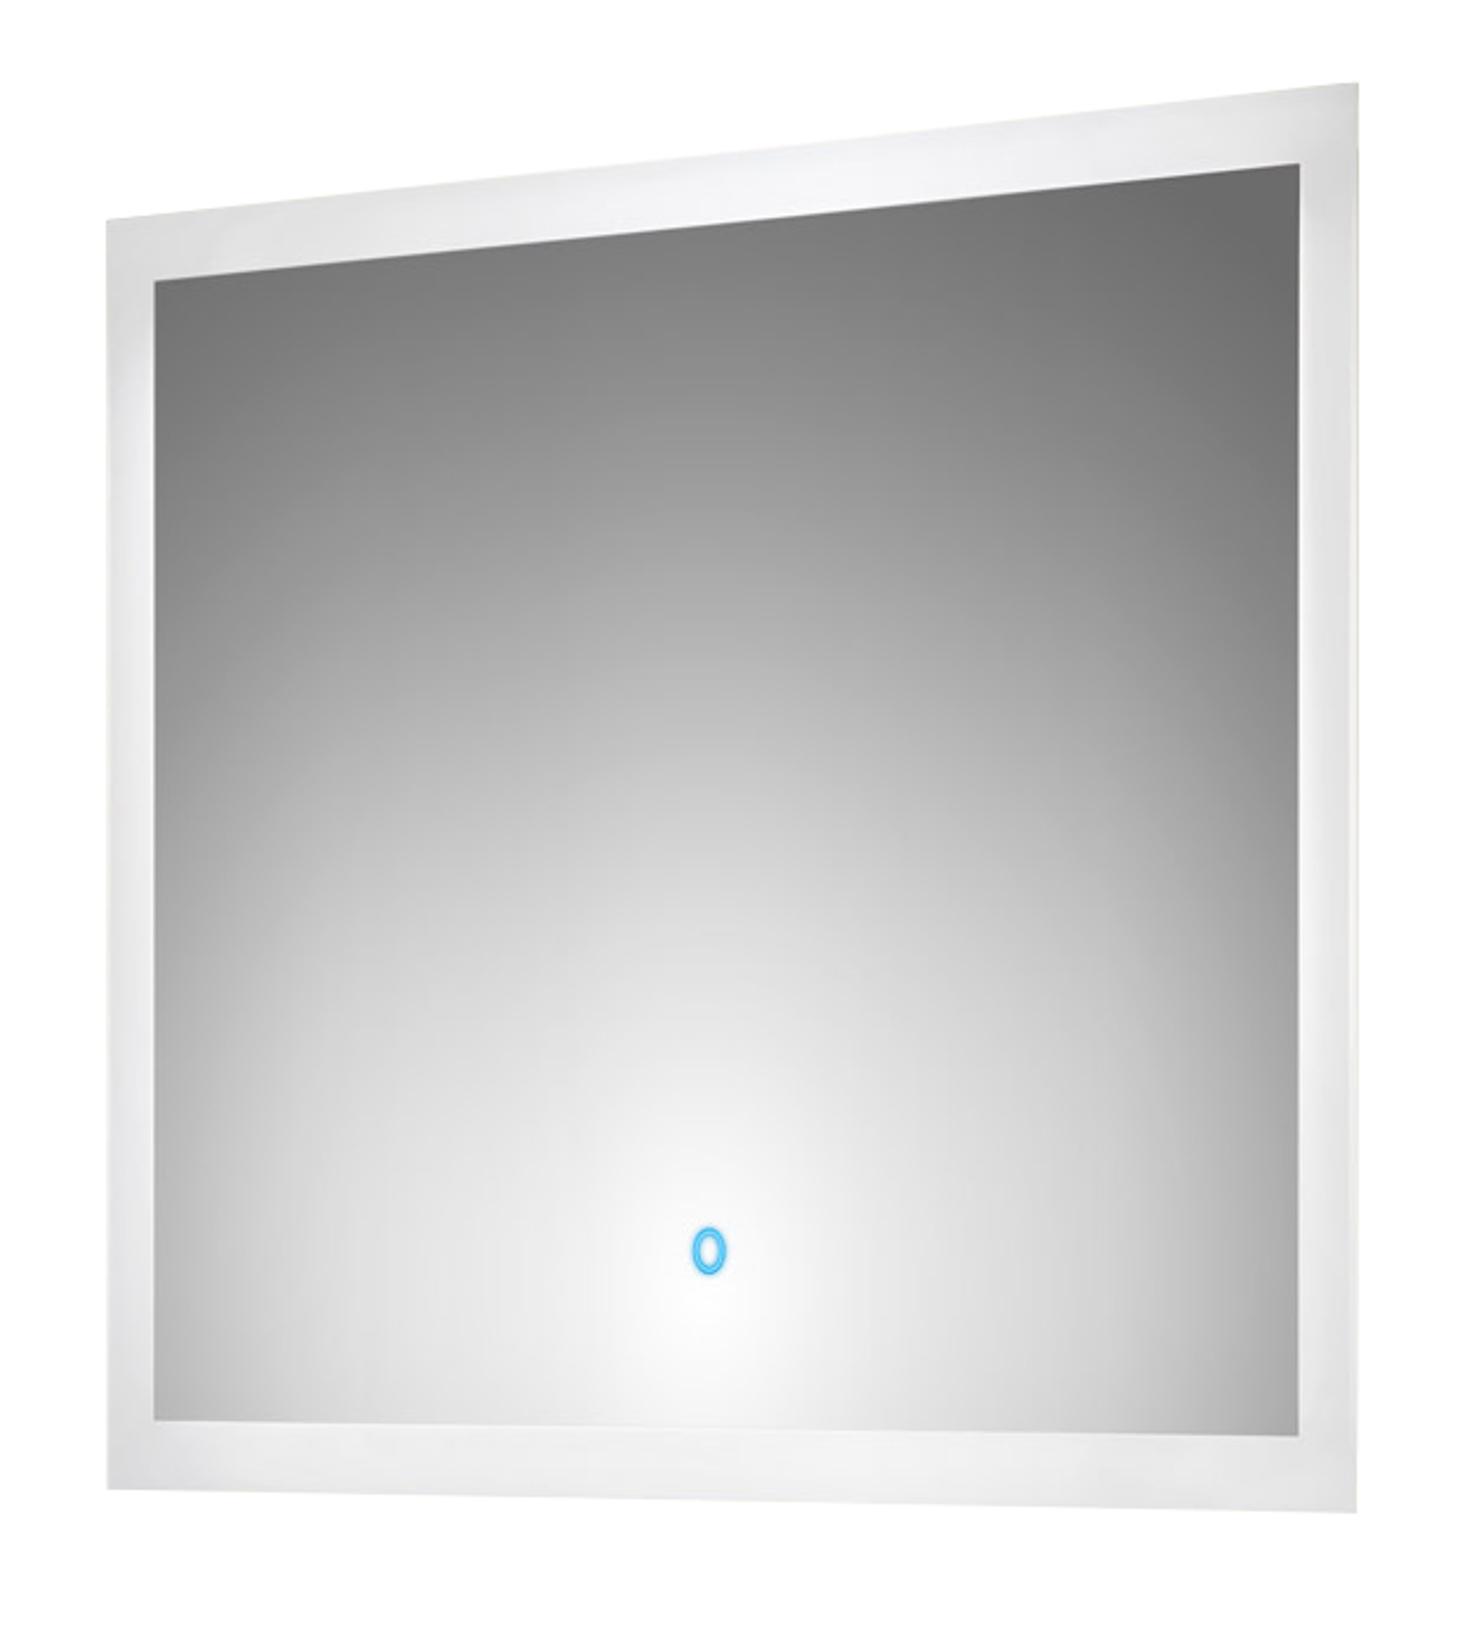 Bad spiegel levia mit led touch steuerung 80 cm breit for Spiegel 80 cm breit